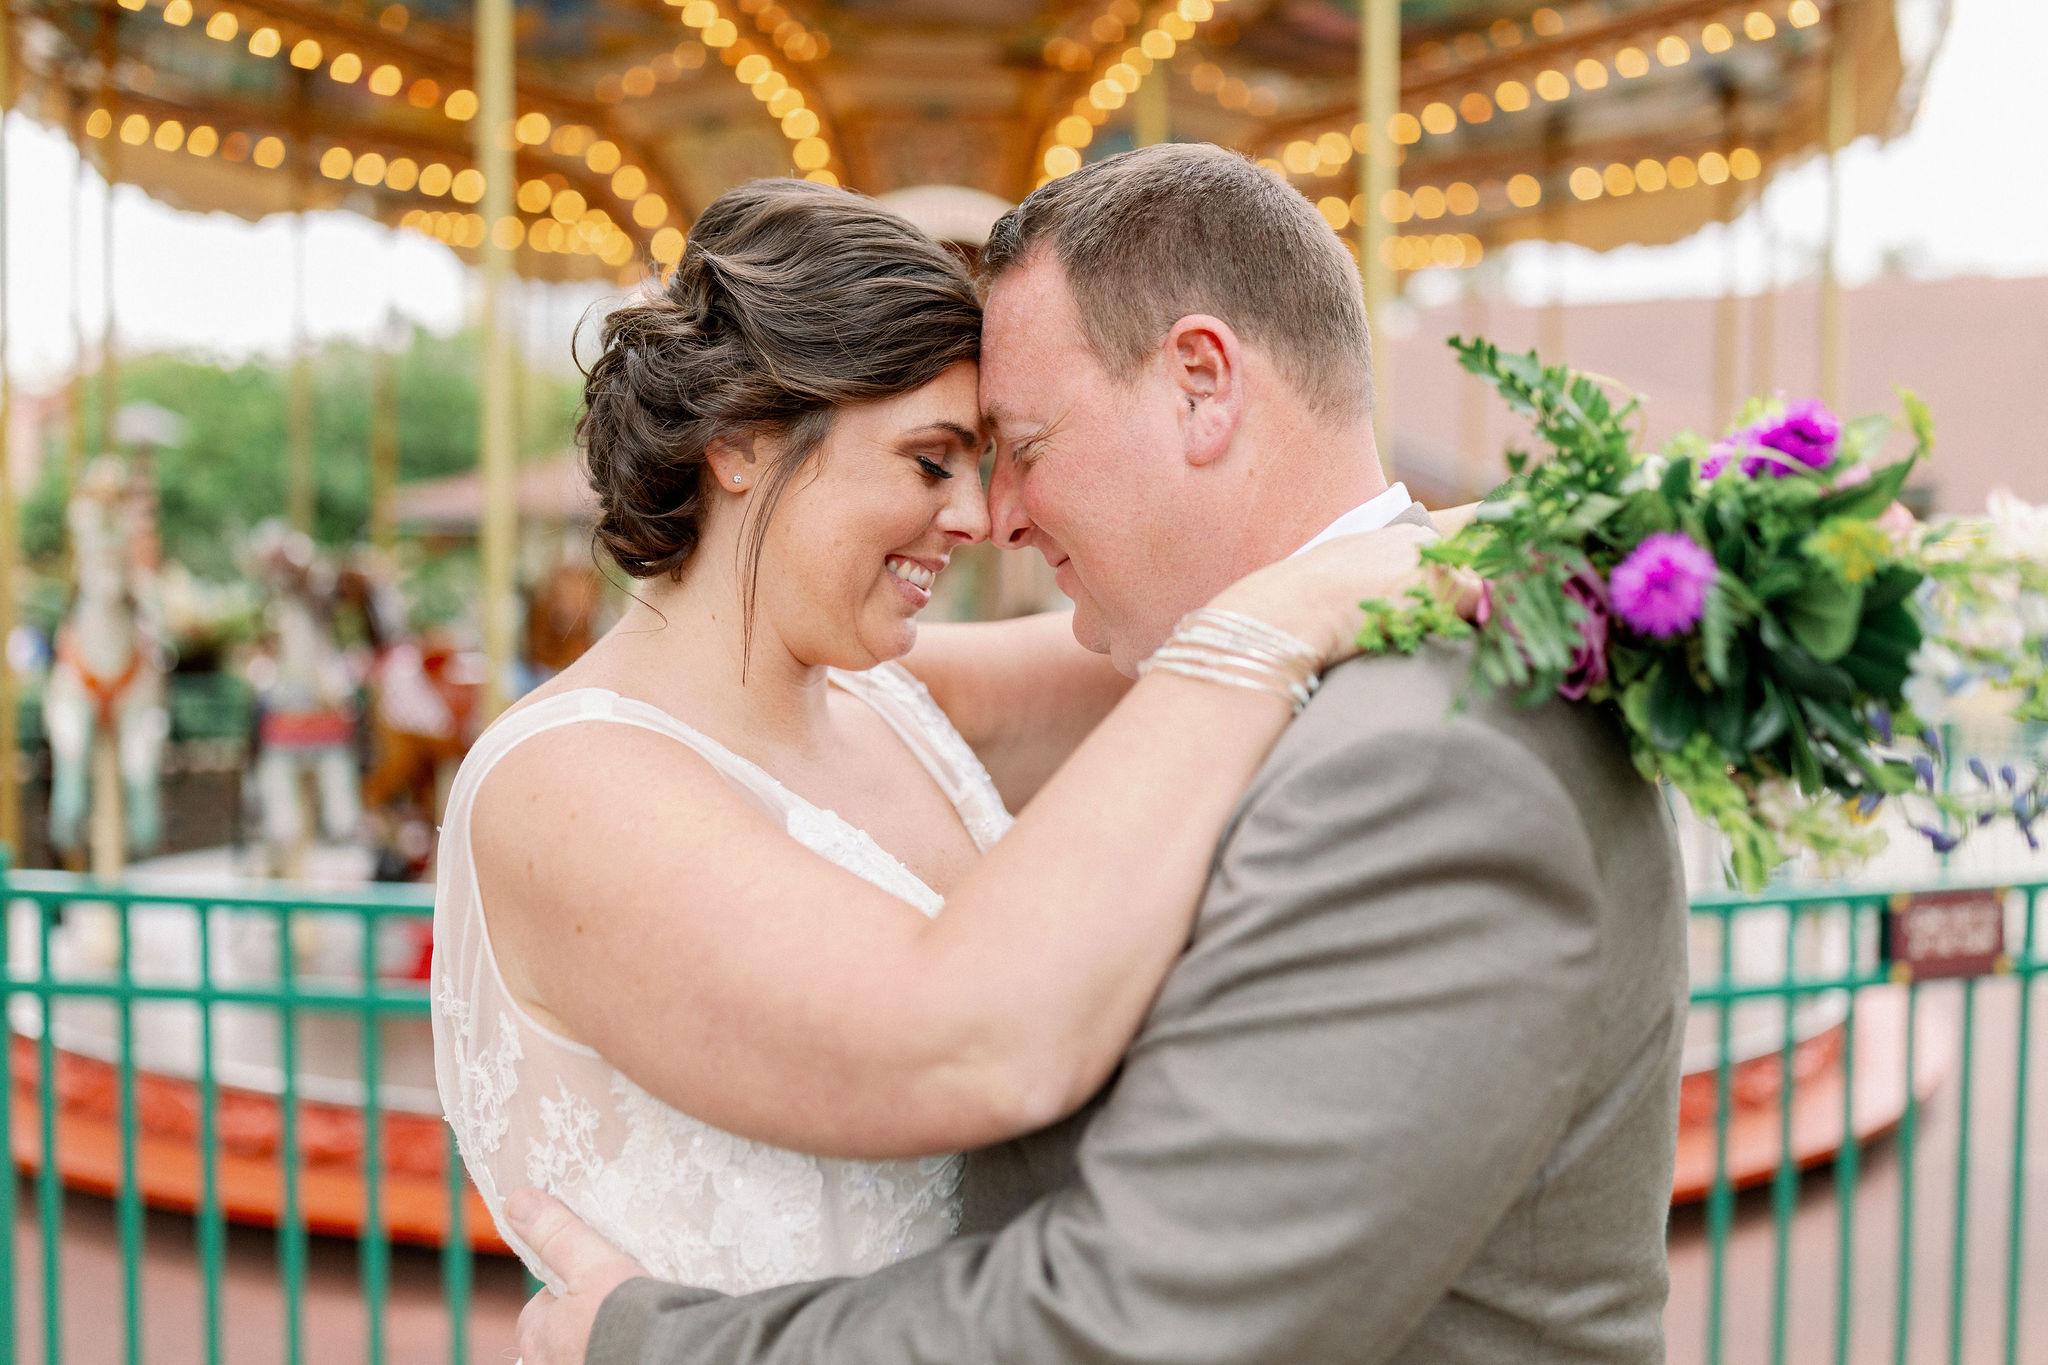 Blended Family Wedding | Danielle and Glenn at Paddlefish